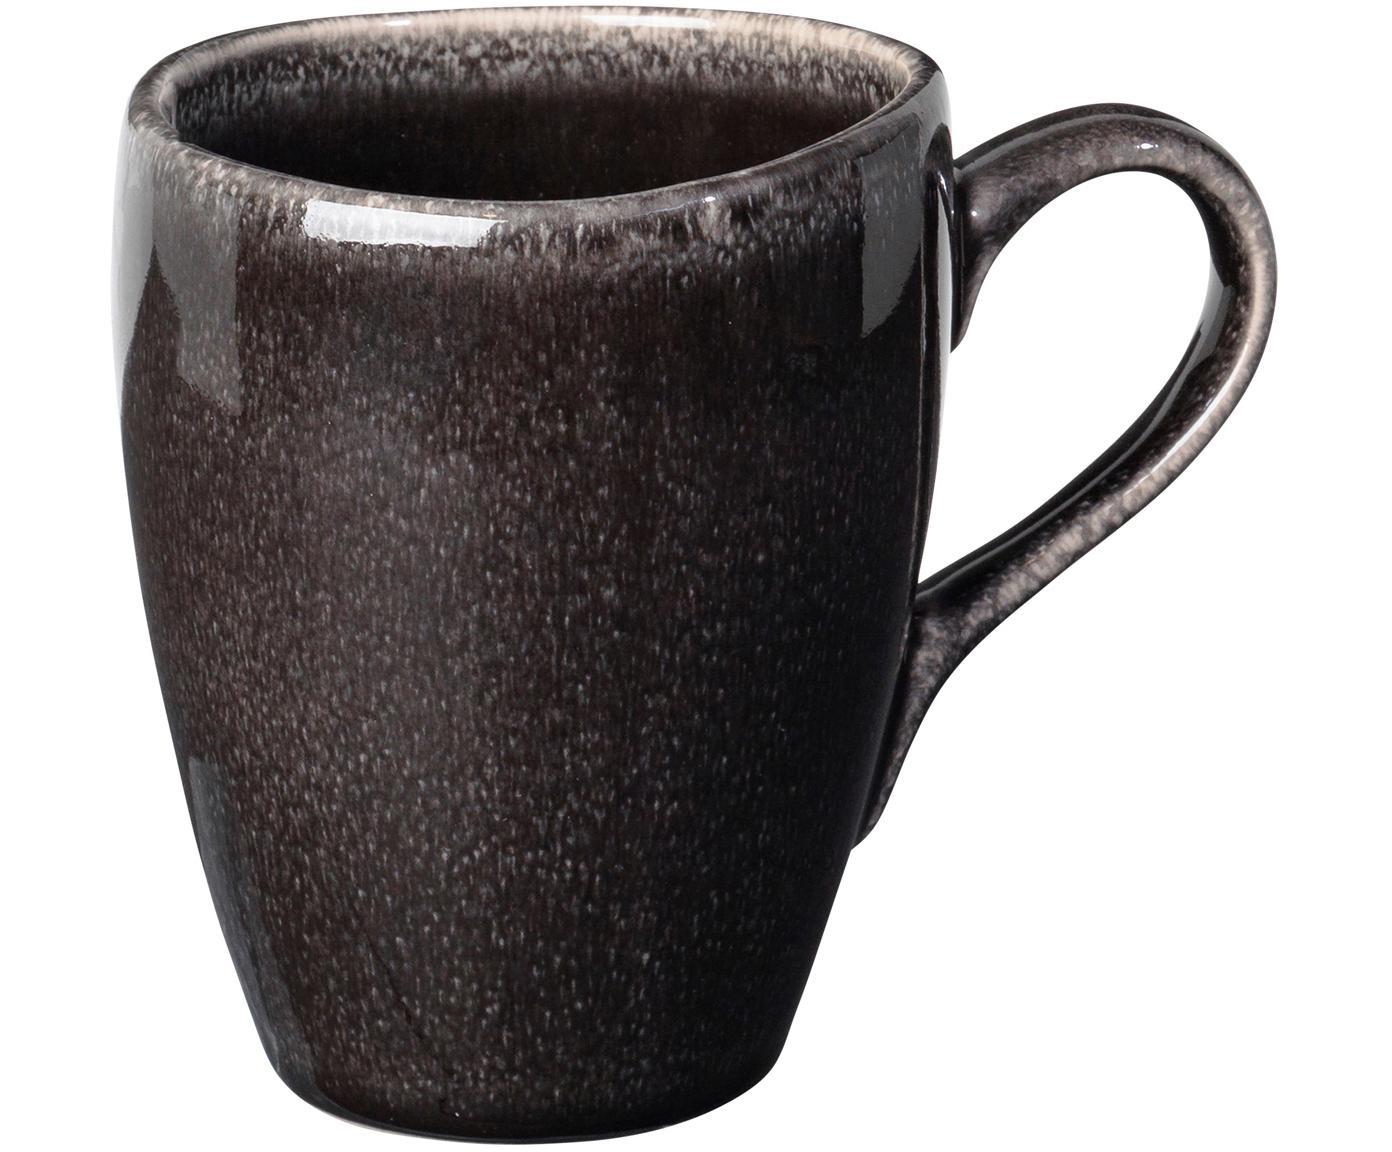 Handgemachte Tassen Nordic Coal aus Steingut, 6 Stück, Steingut, Bräunlich, Ø 8 x H 10 cm